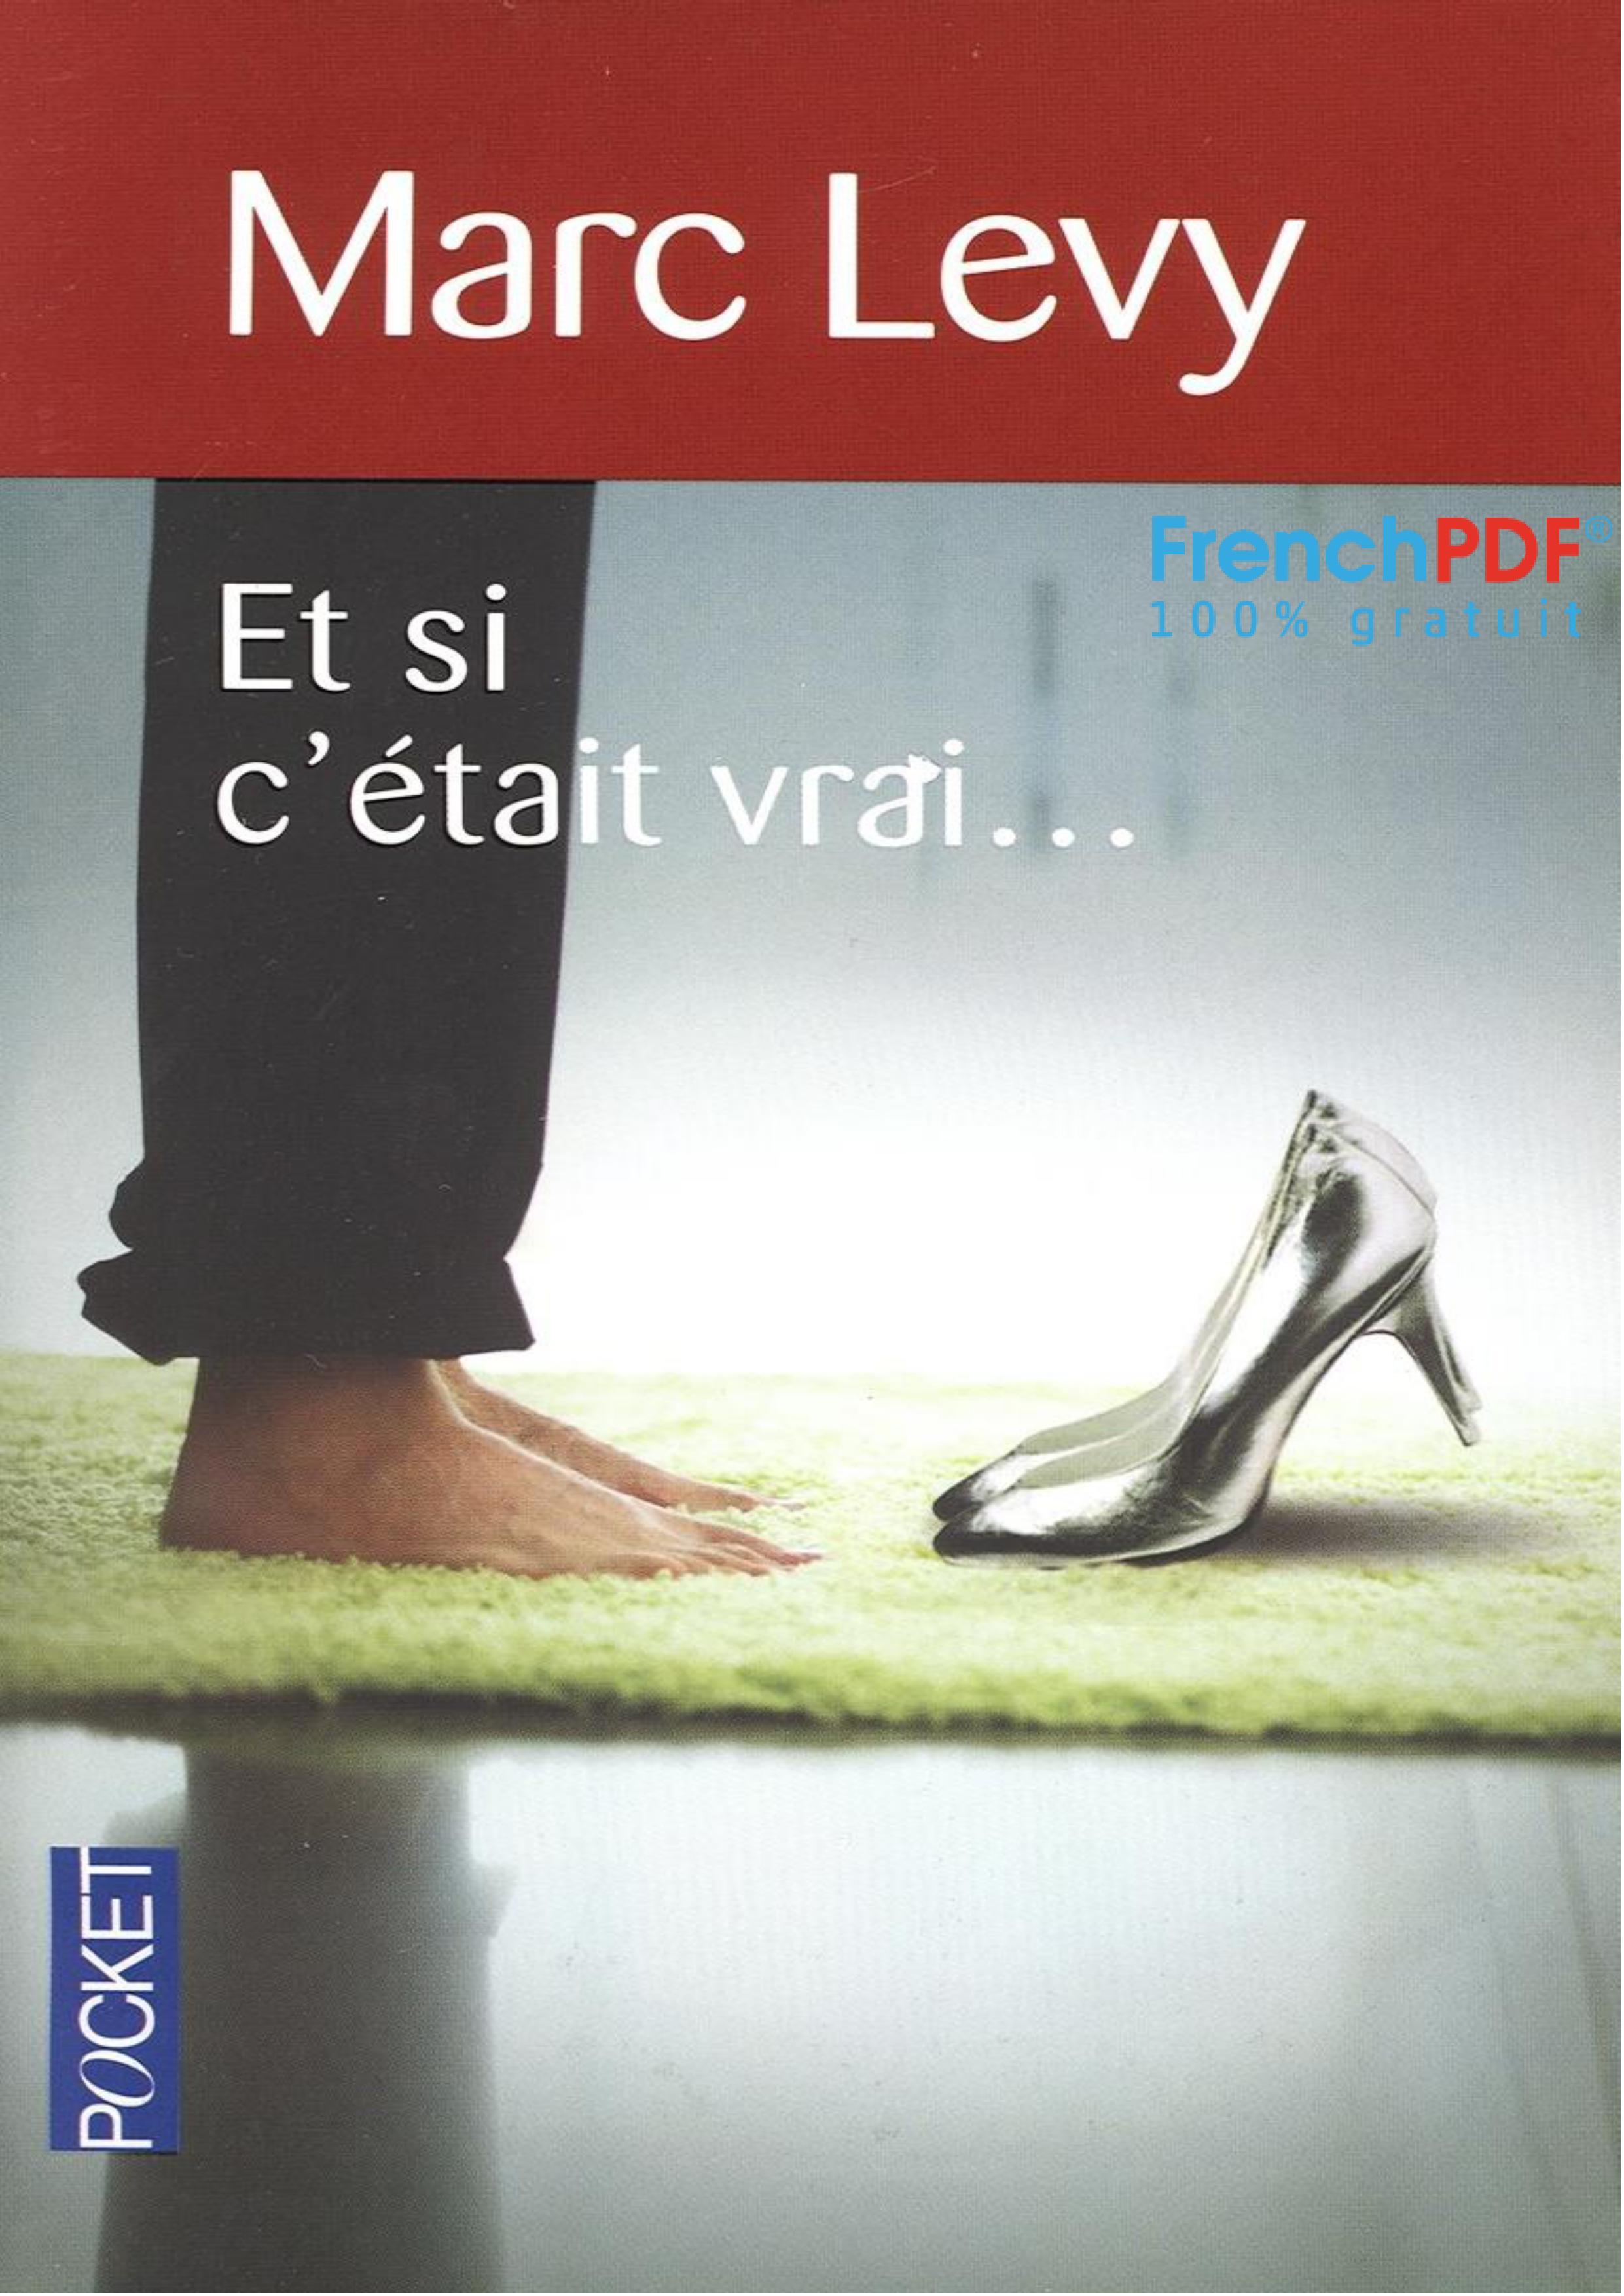 Et si c'était vrai- Marc Levy - FrenchPDF.com